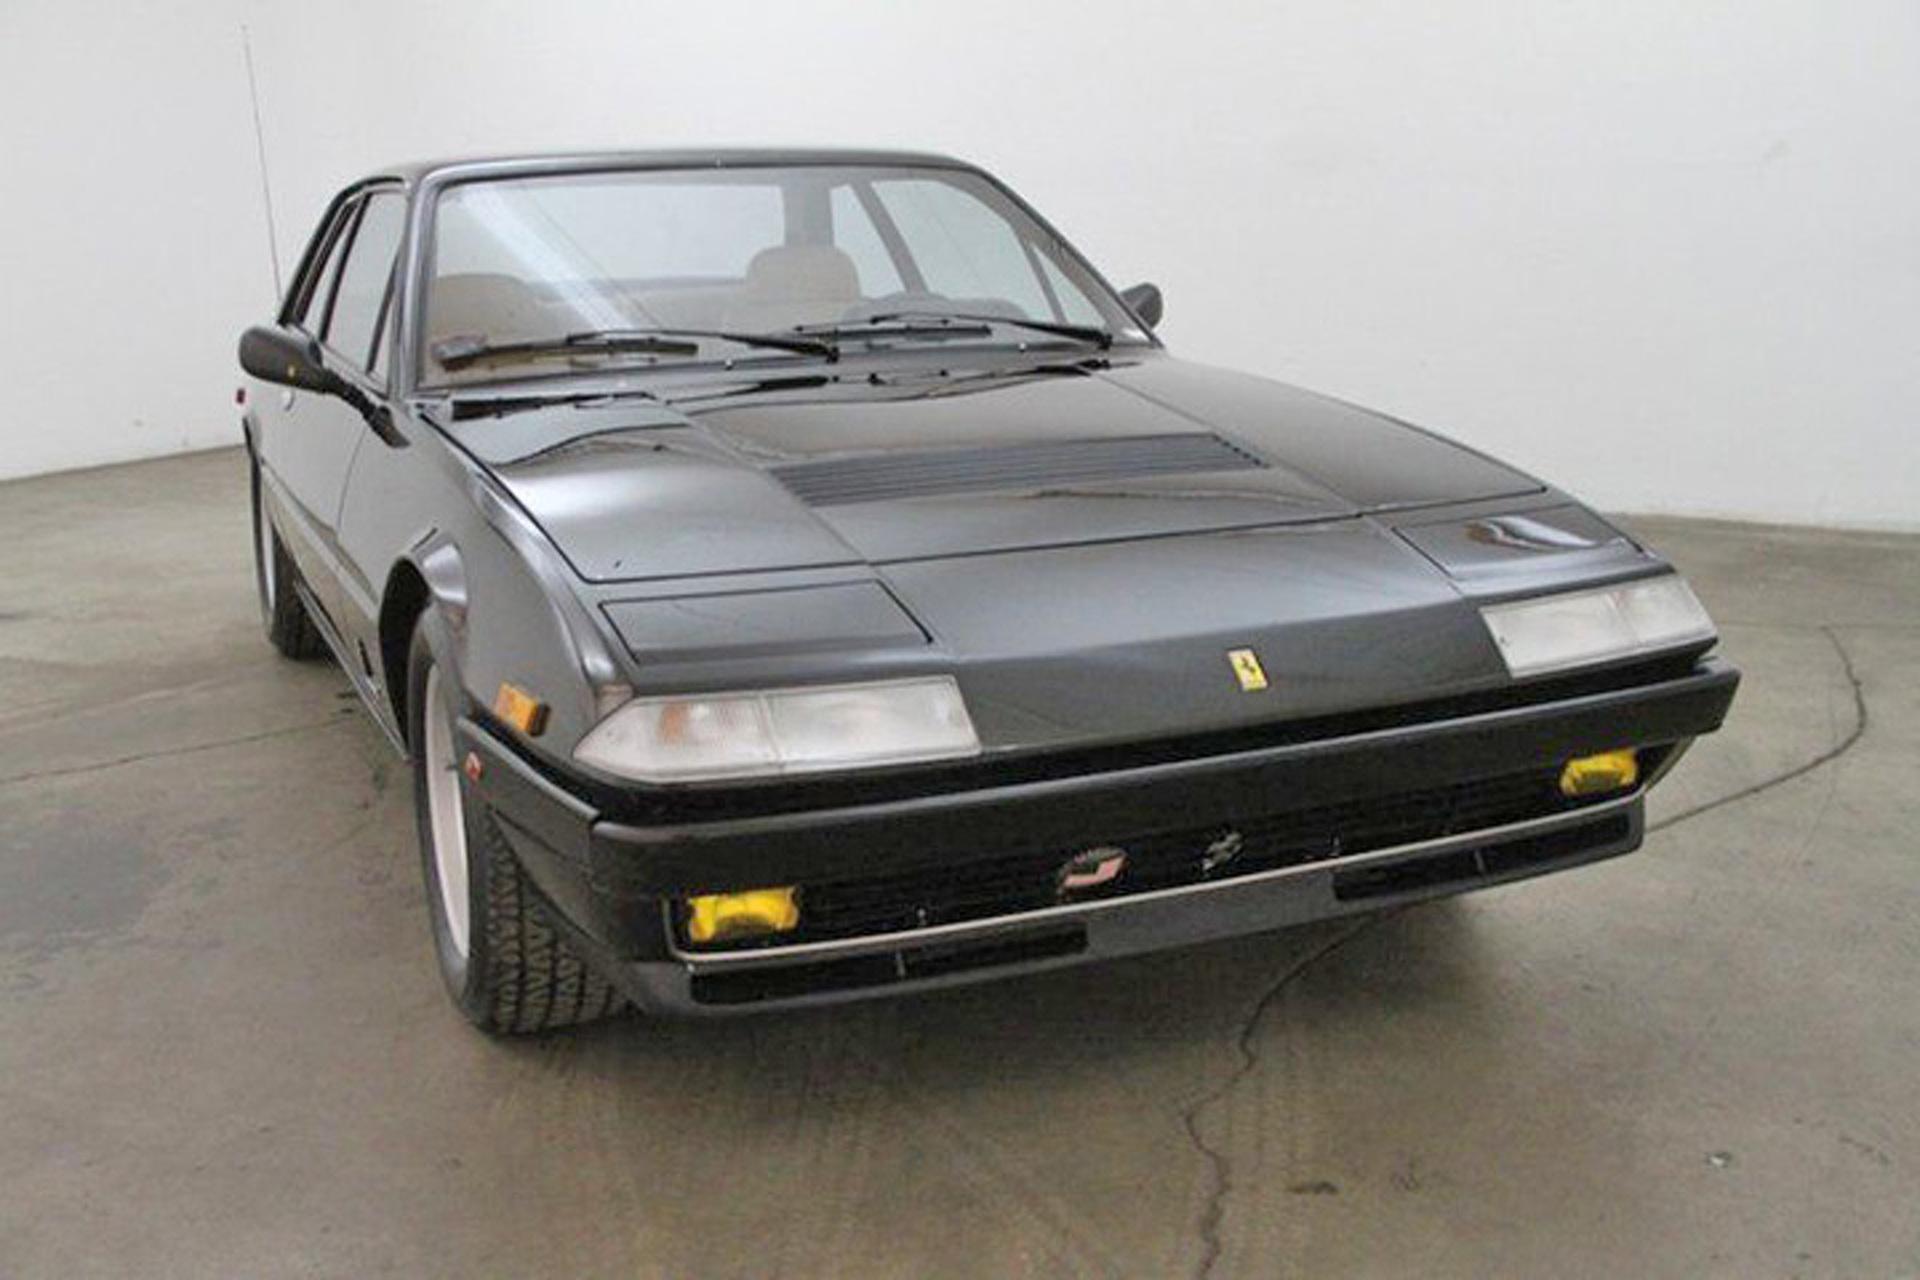 John Mcenroe S Ferrari For Sale On Ebay 1179761